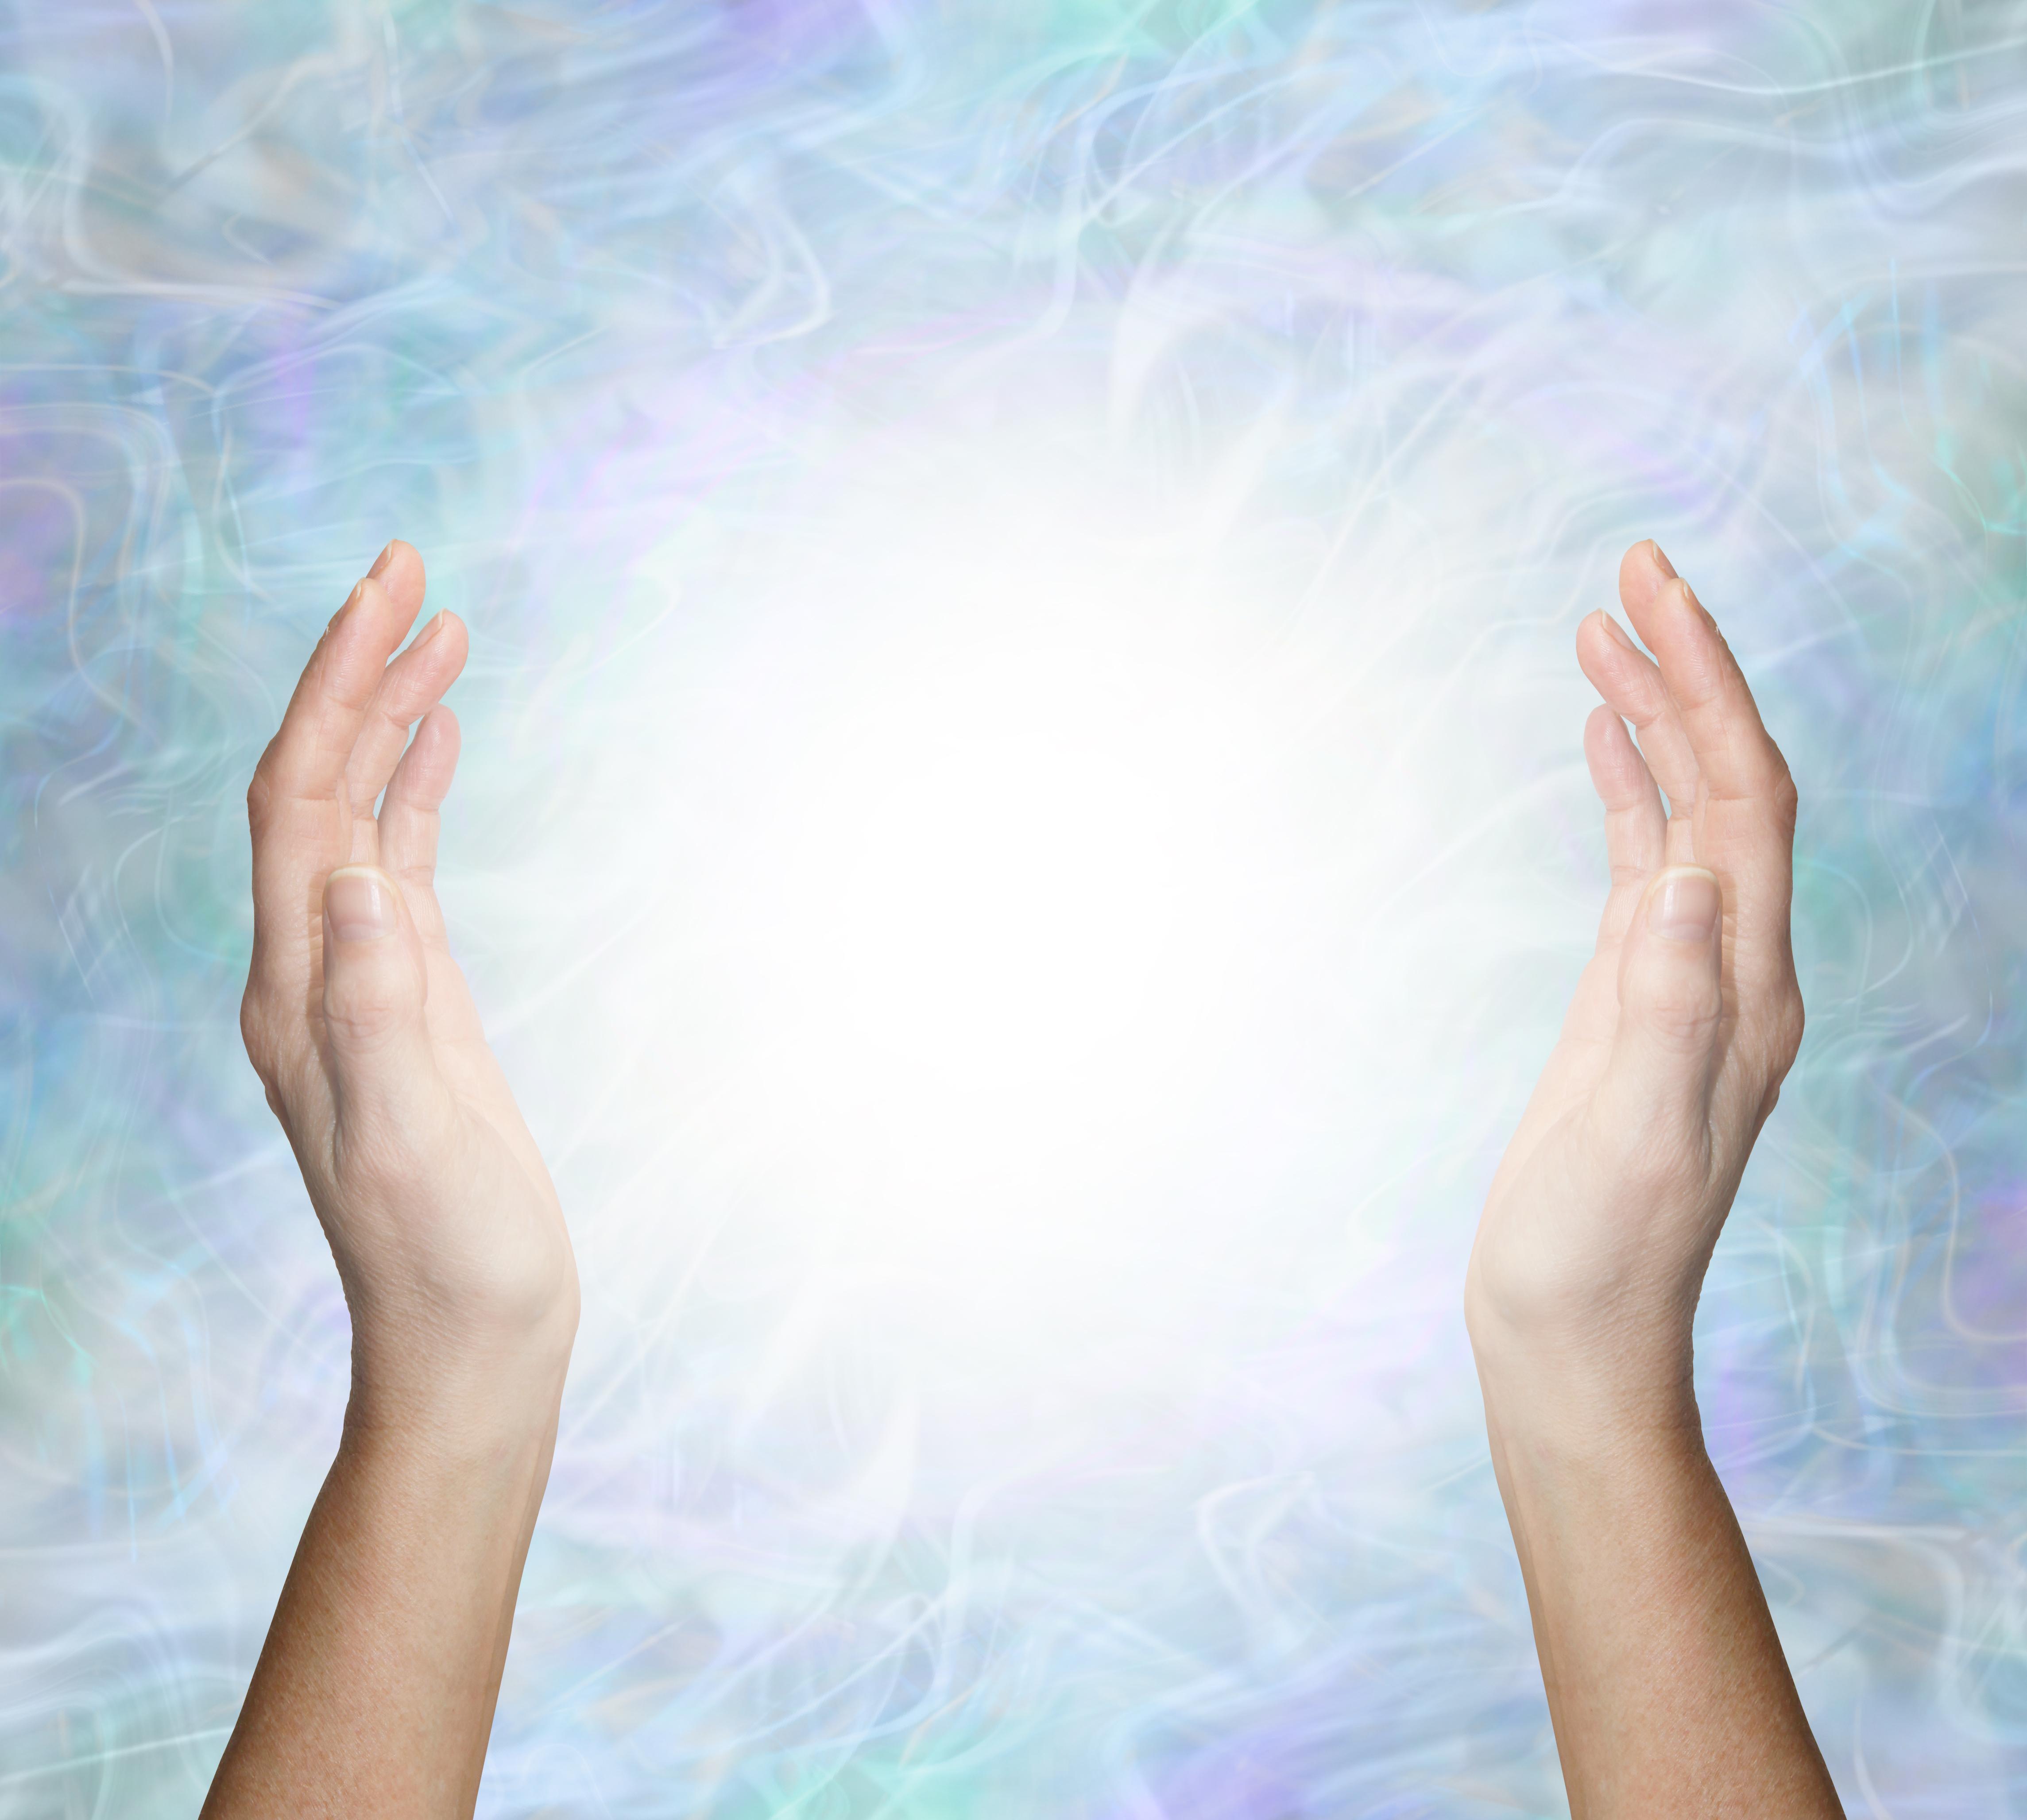 healing handen wijd